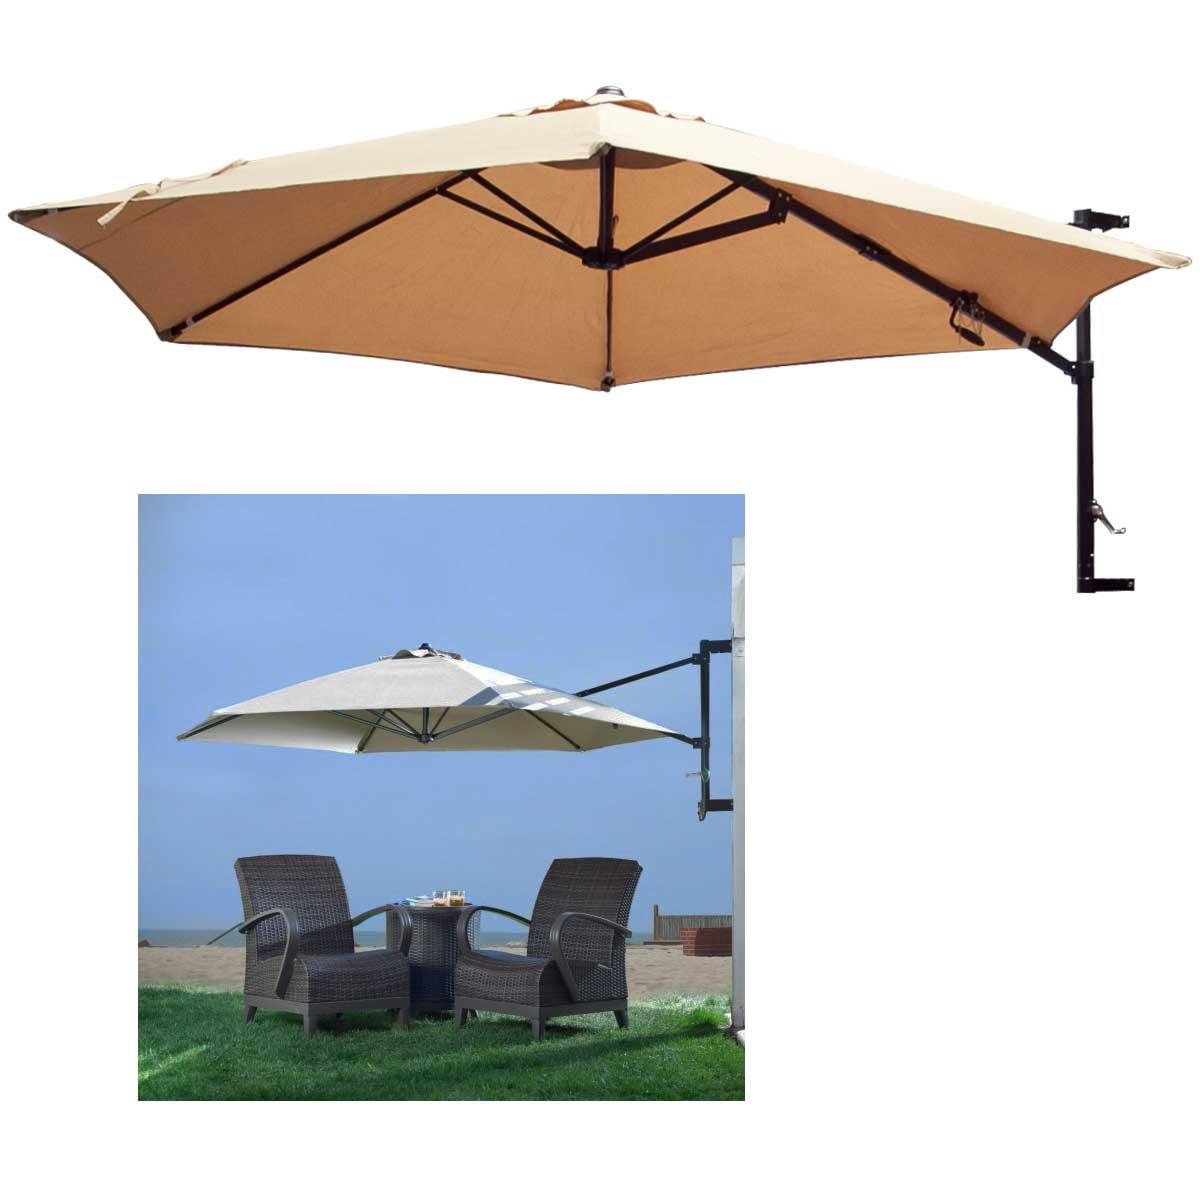 Wall Mount Patio Umbrellas 10 Feet Garden Outdoor Sun Canopy Crank